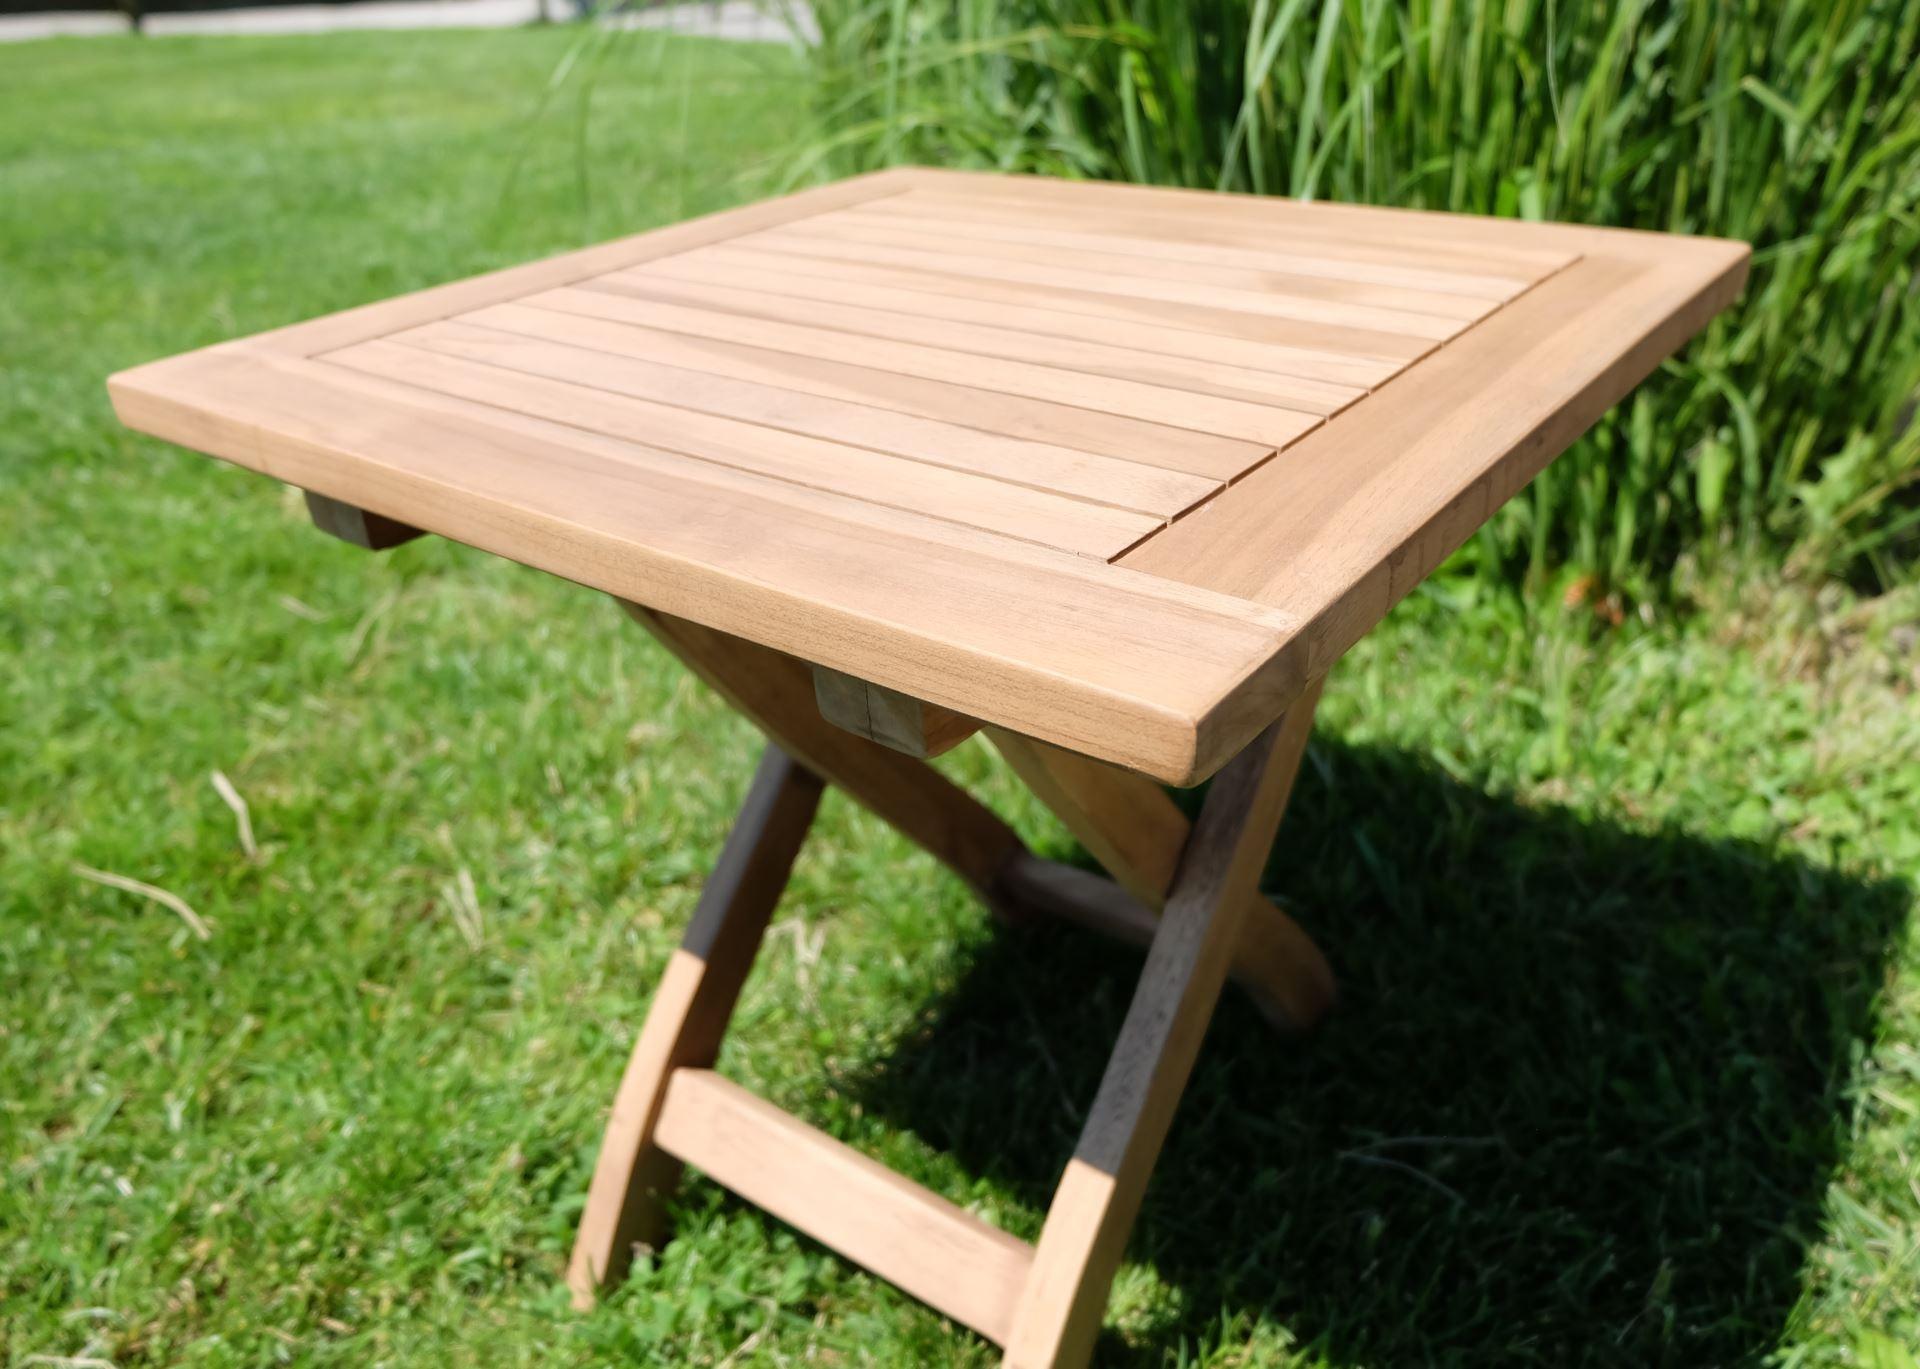 teak klapptisch holztisch gartentisch garten tisch beistelltisch 45x45cm holz ge lt picnic alles